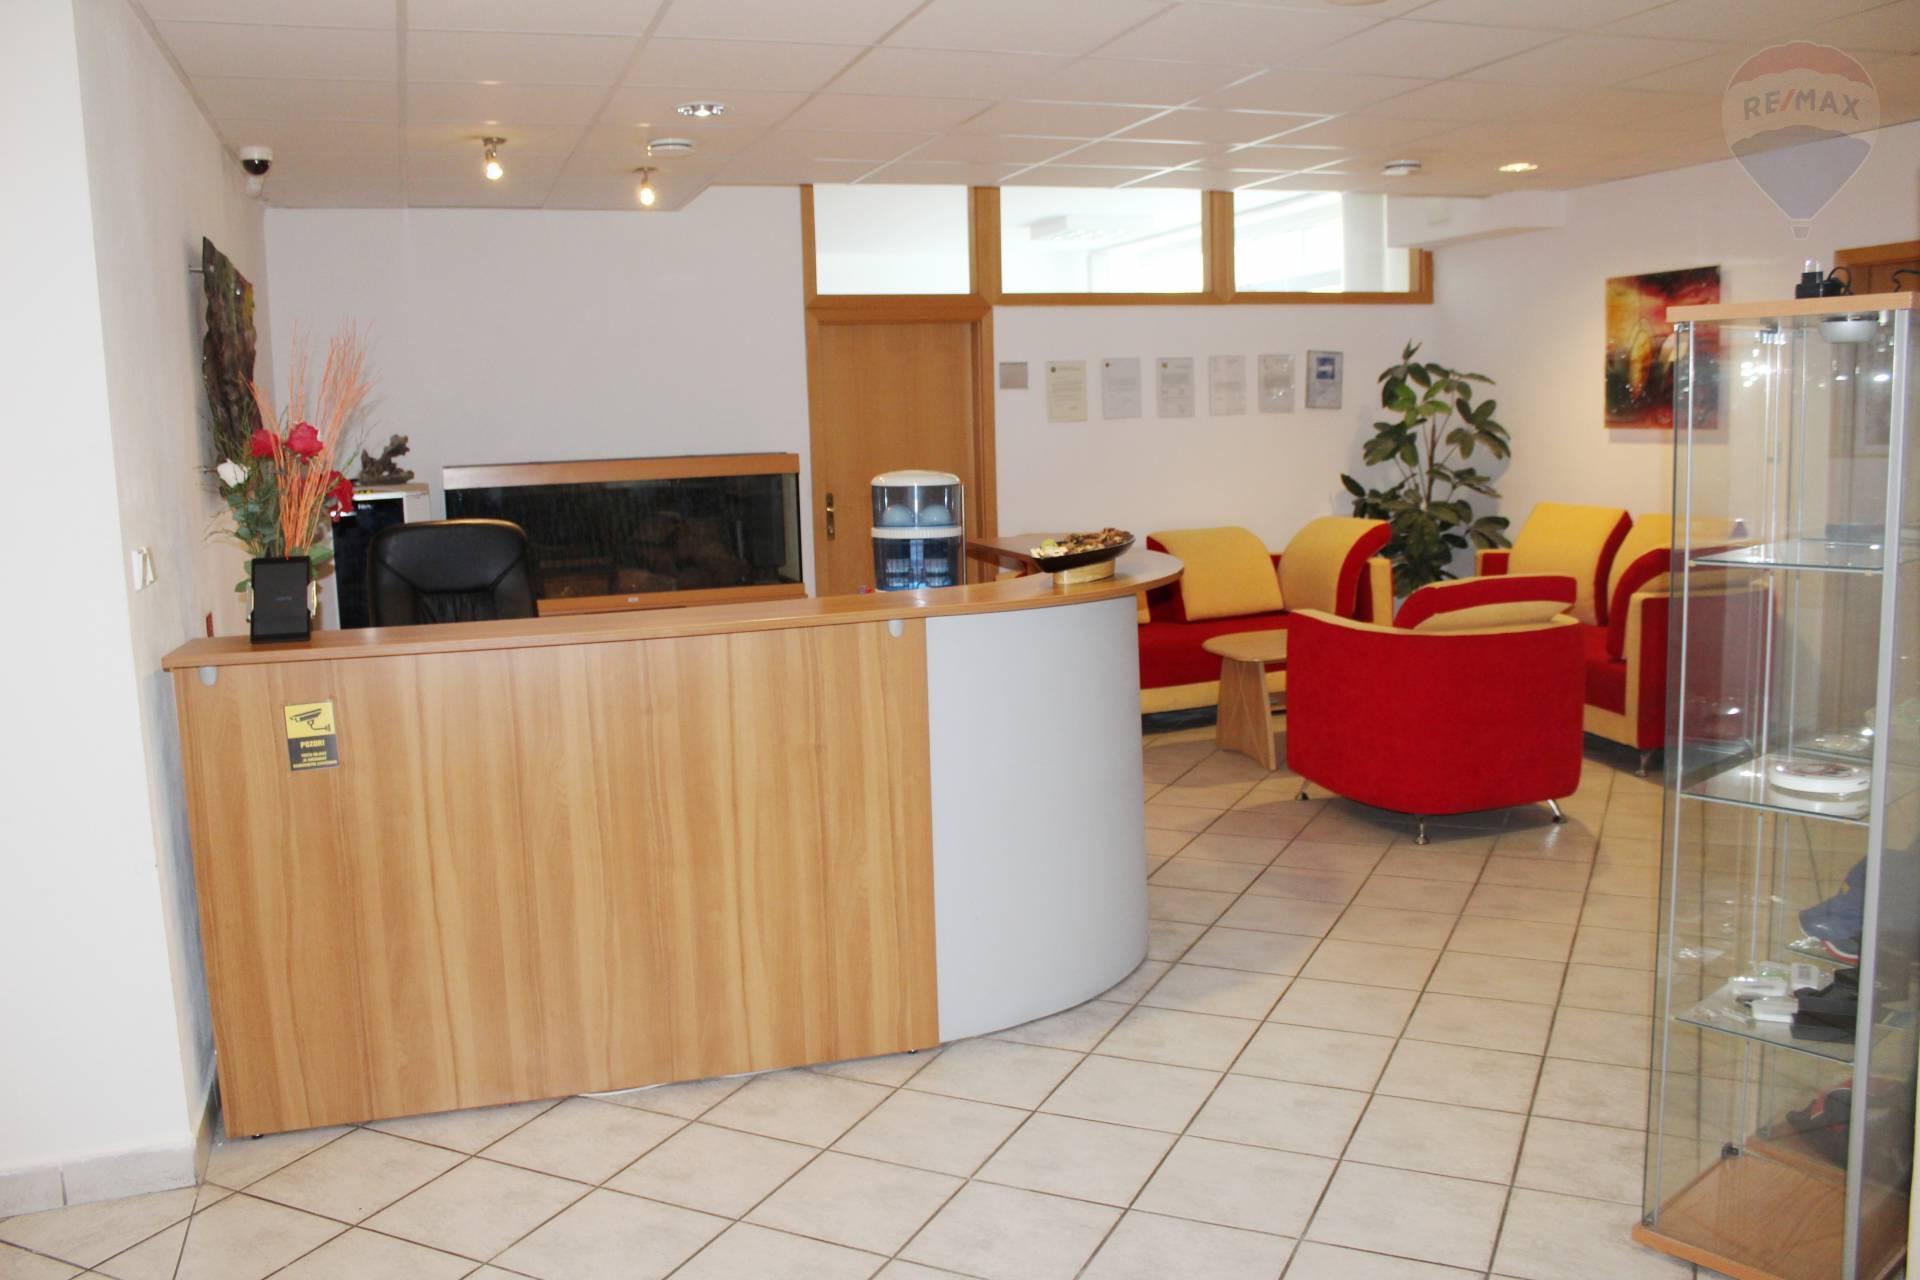 Predaj komerčného priestoru 492 m2, Bratislava - Ružinov -